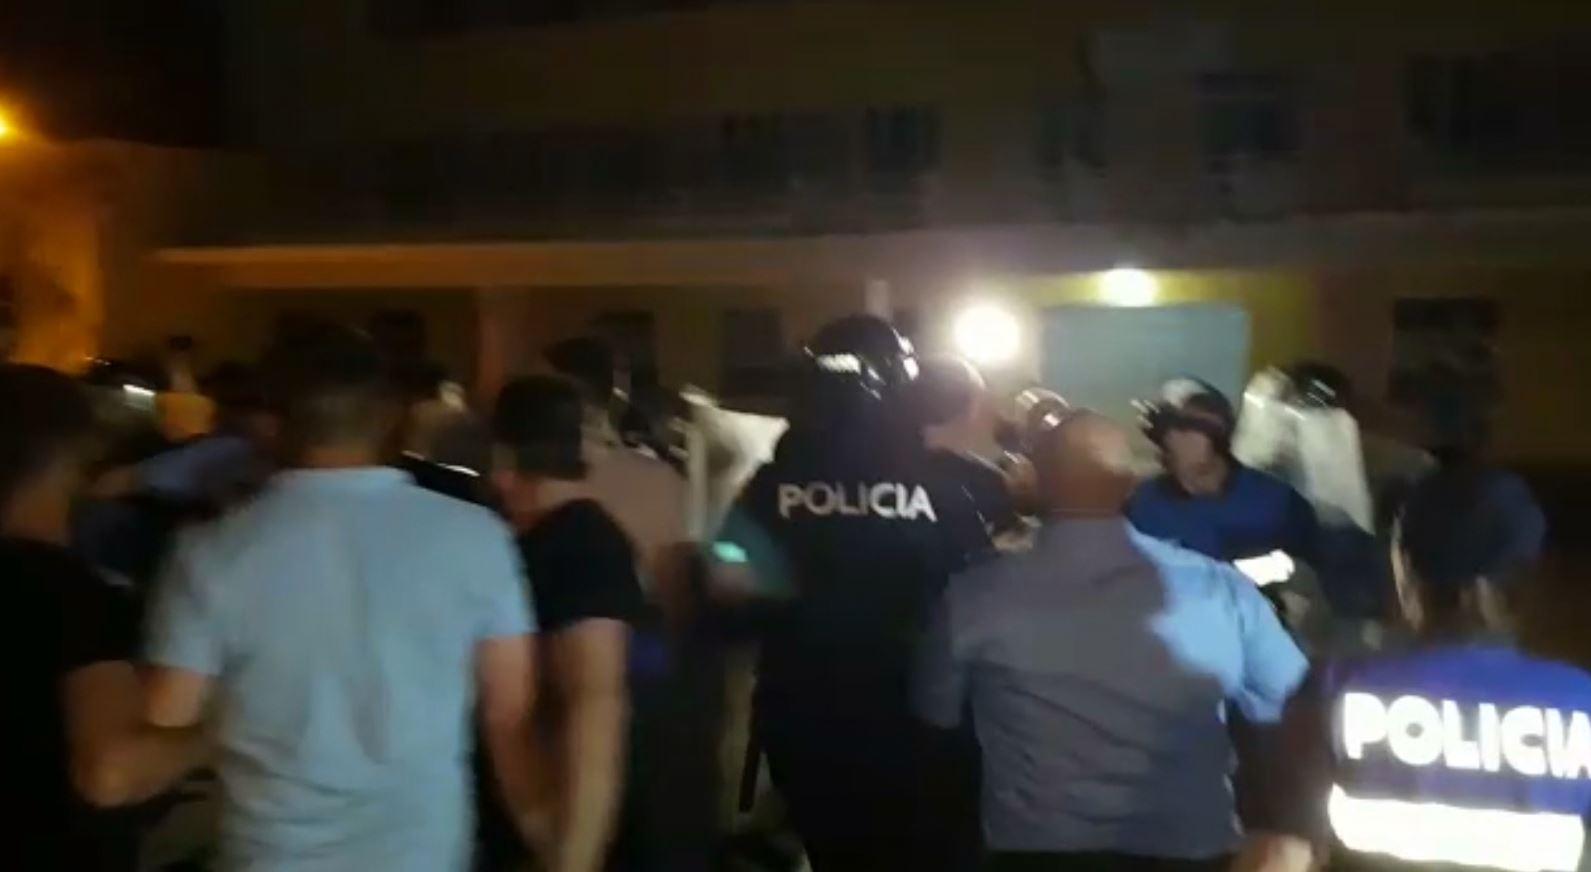 Dibër, Policia e Shtetit: Ndaloni sulmin mbi forcat e rendit, po rrezikoni jetën e tyre